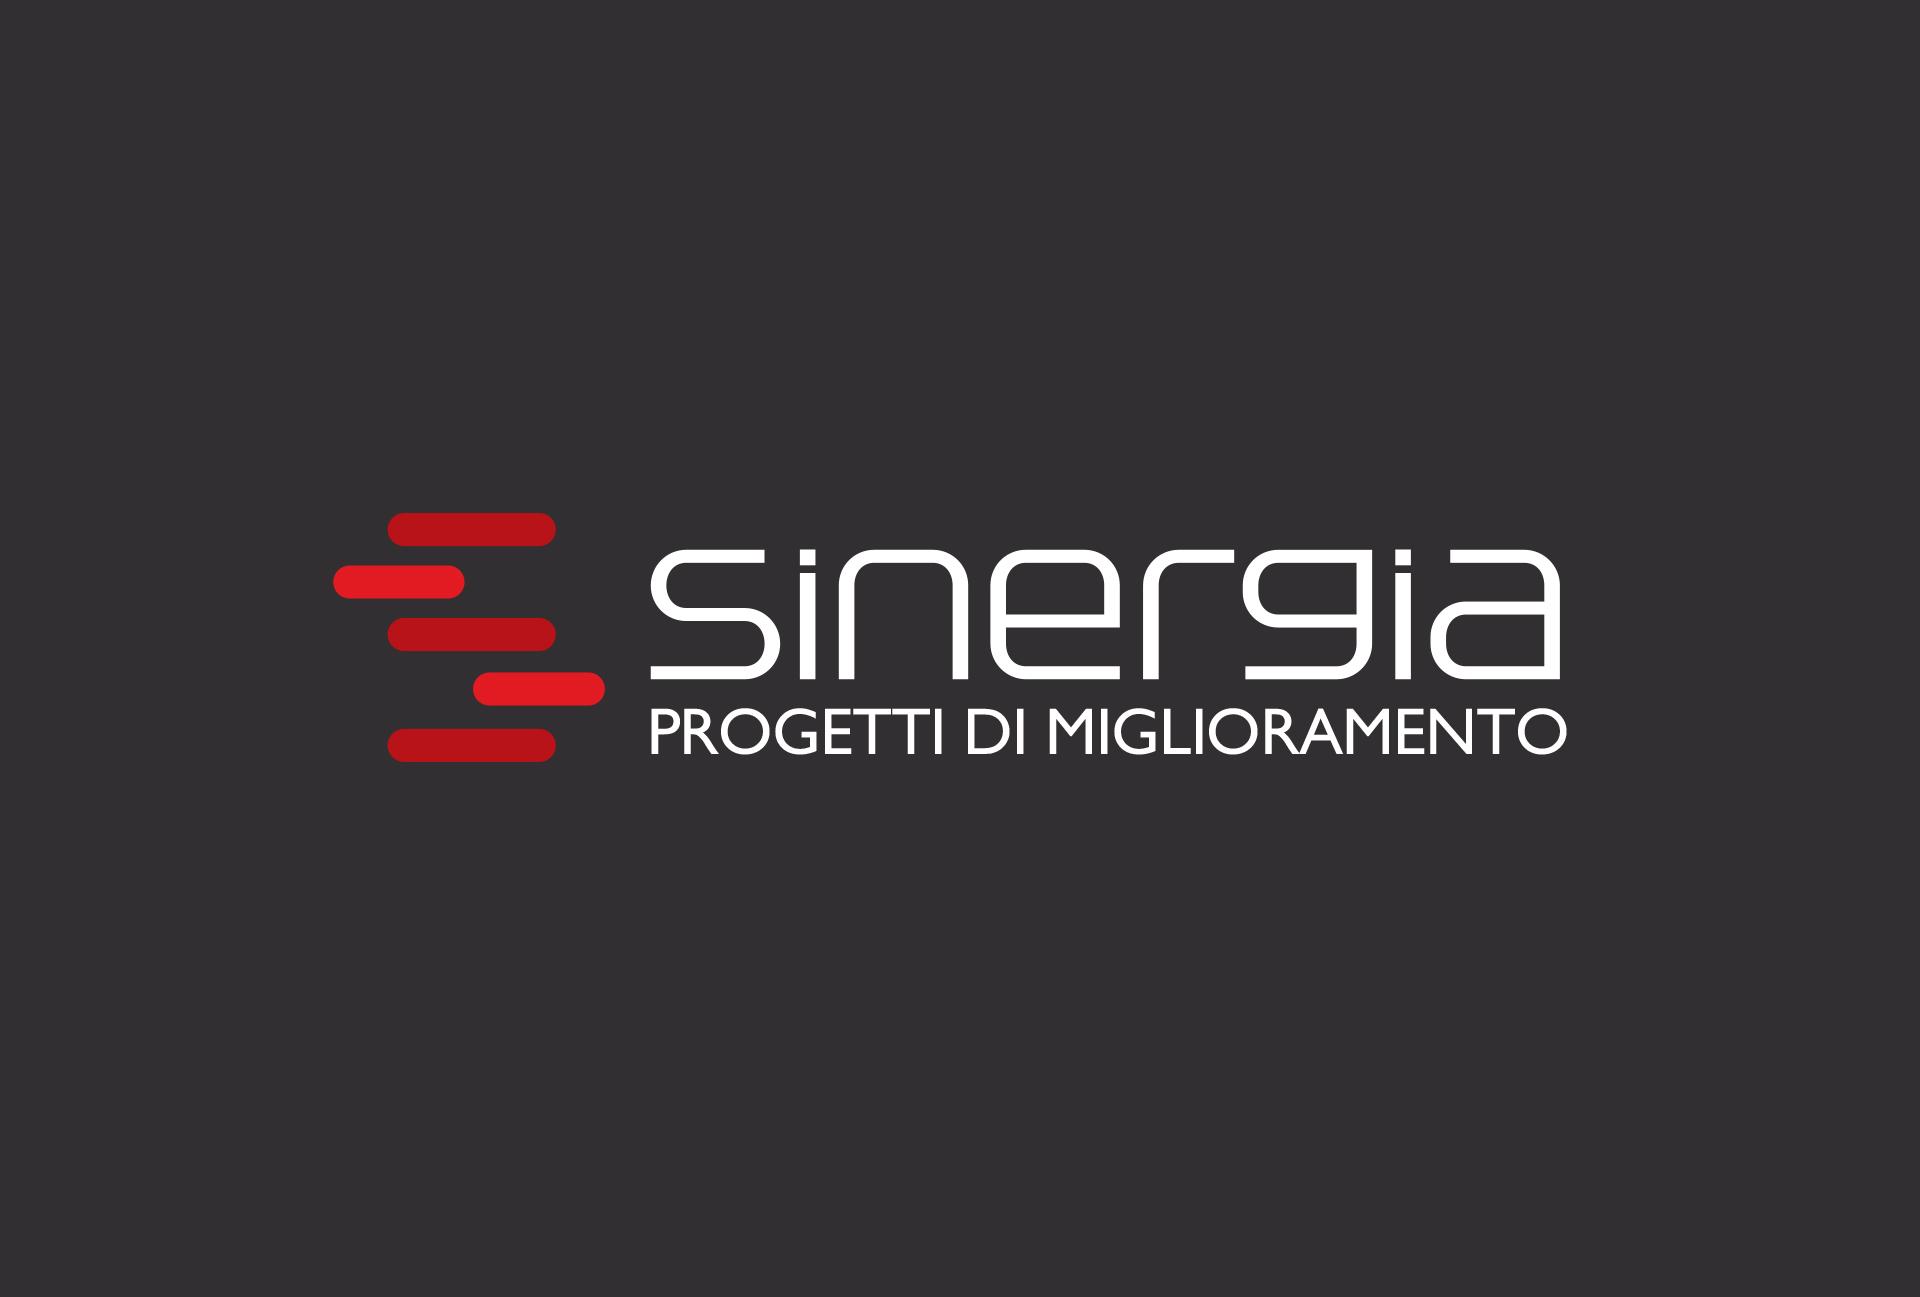 sinergia - progetti di miglioramento